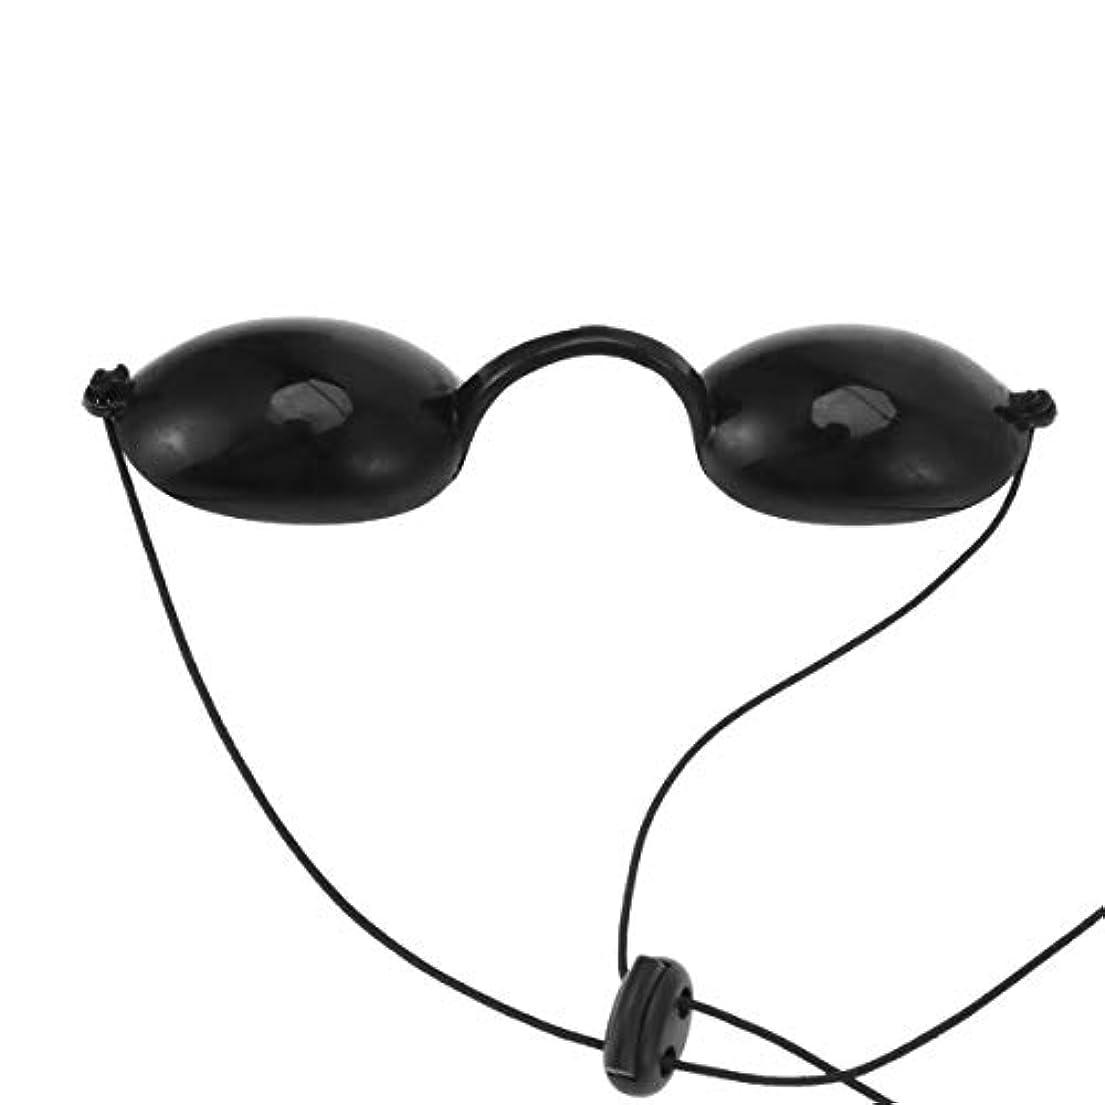 欠如細断ワーディアンケースSUPVOX成人日焼けゴーグルUVプロテクションアイパッチライトセラピーメガネアイカラー(ブラック)